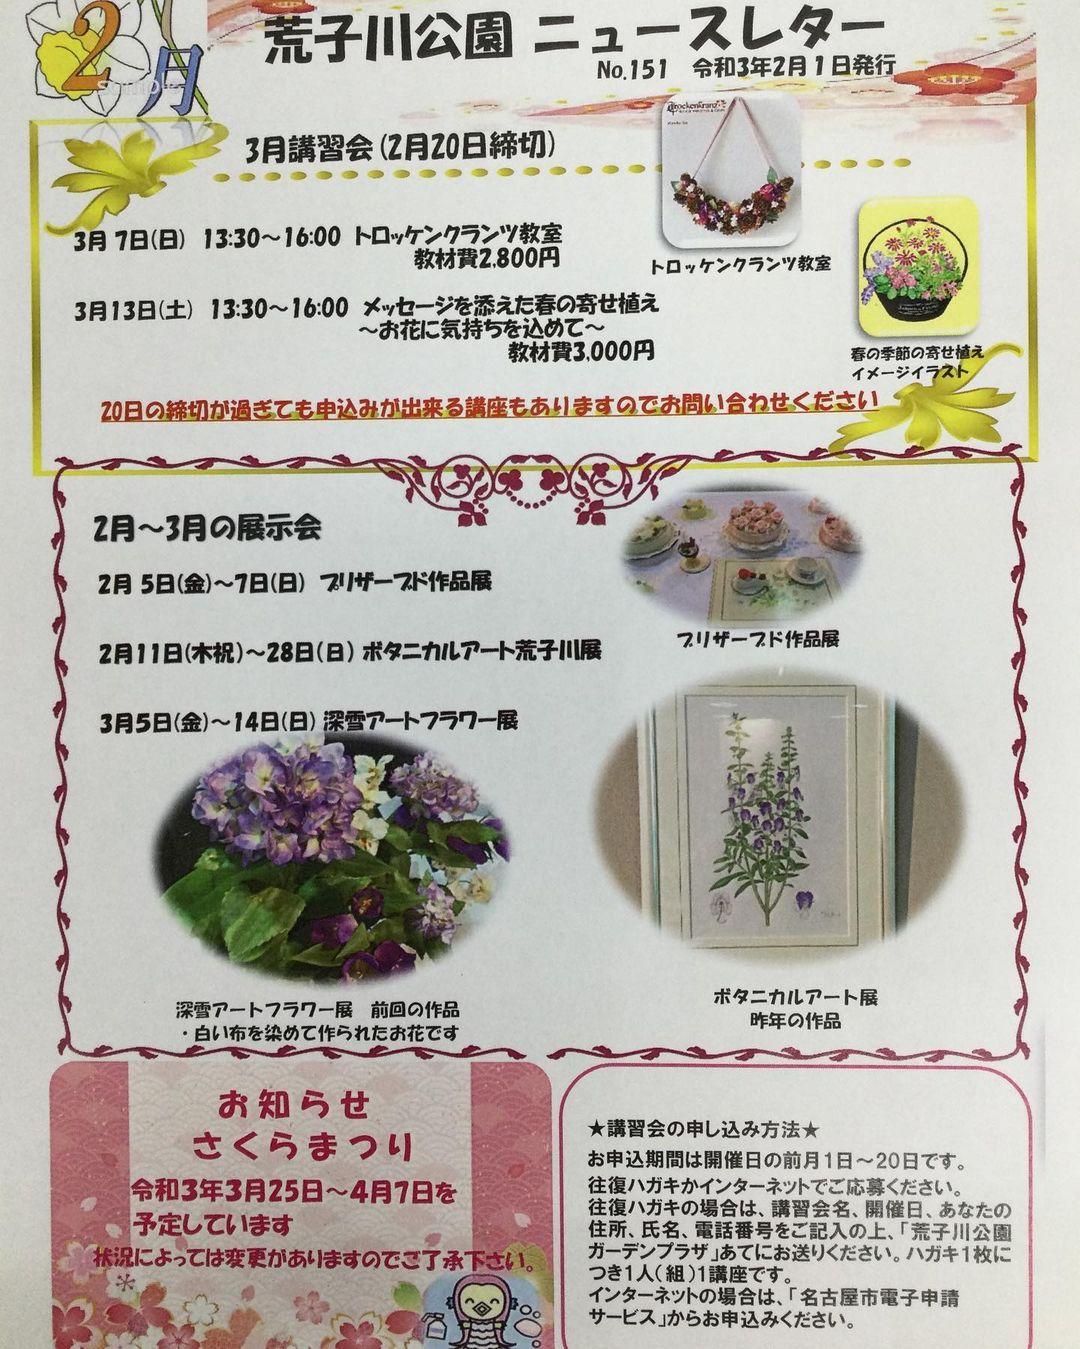 荒子川公園ガーデンプラザ 2月~3月の展示会、講習会